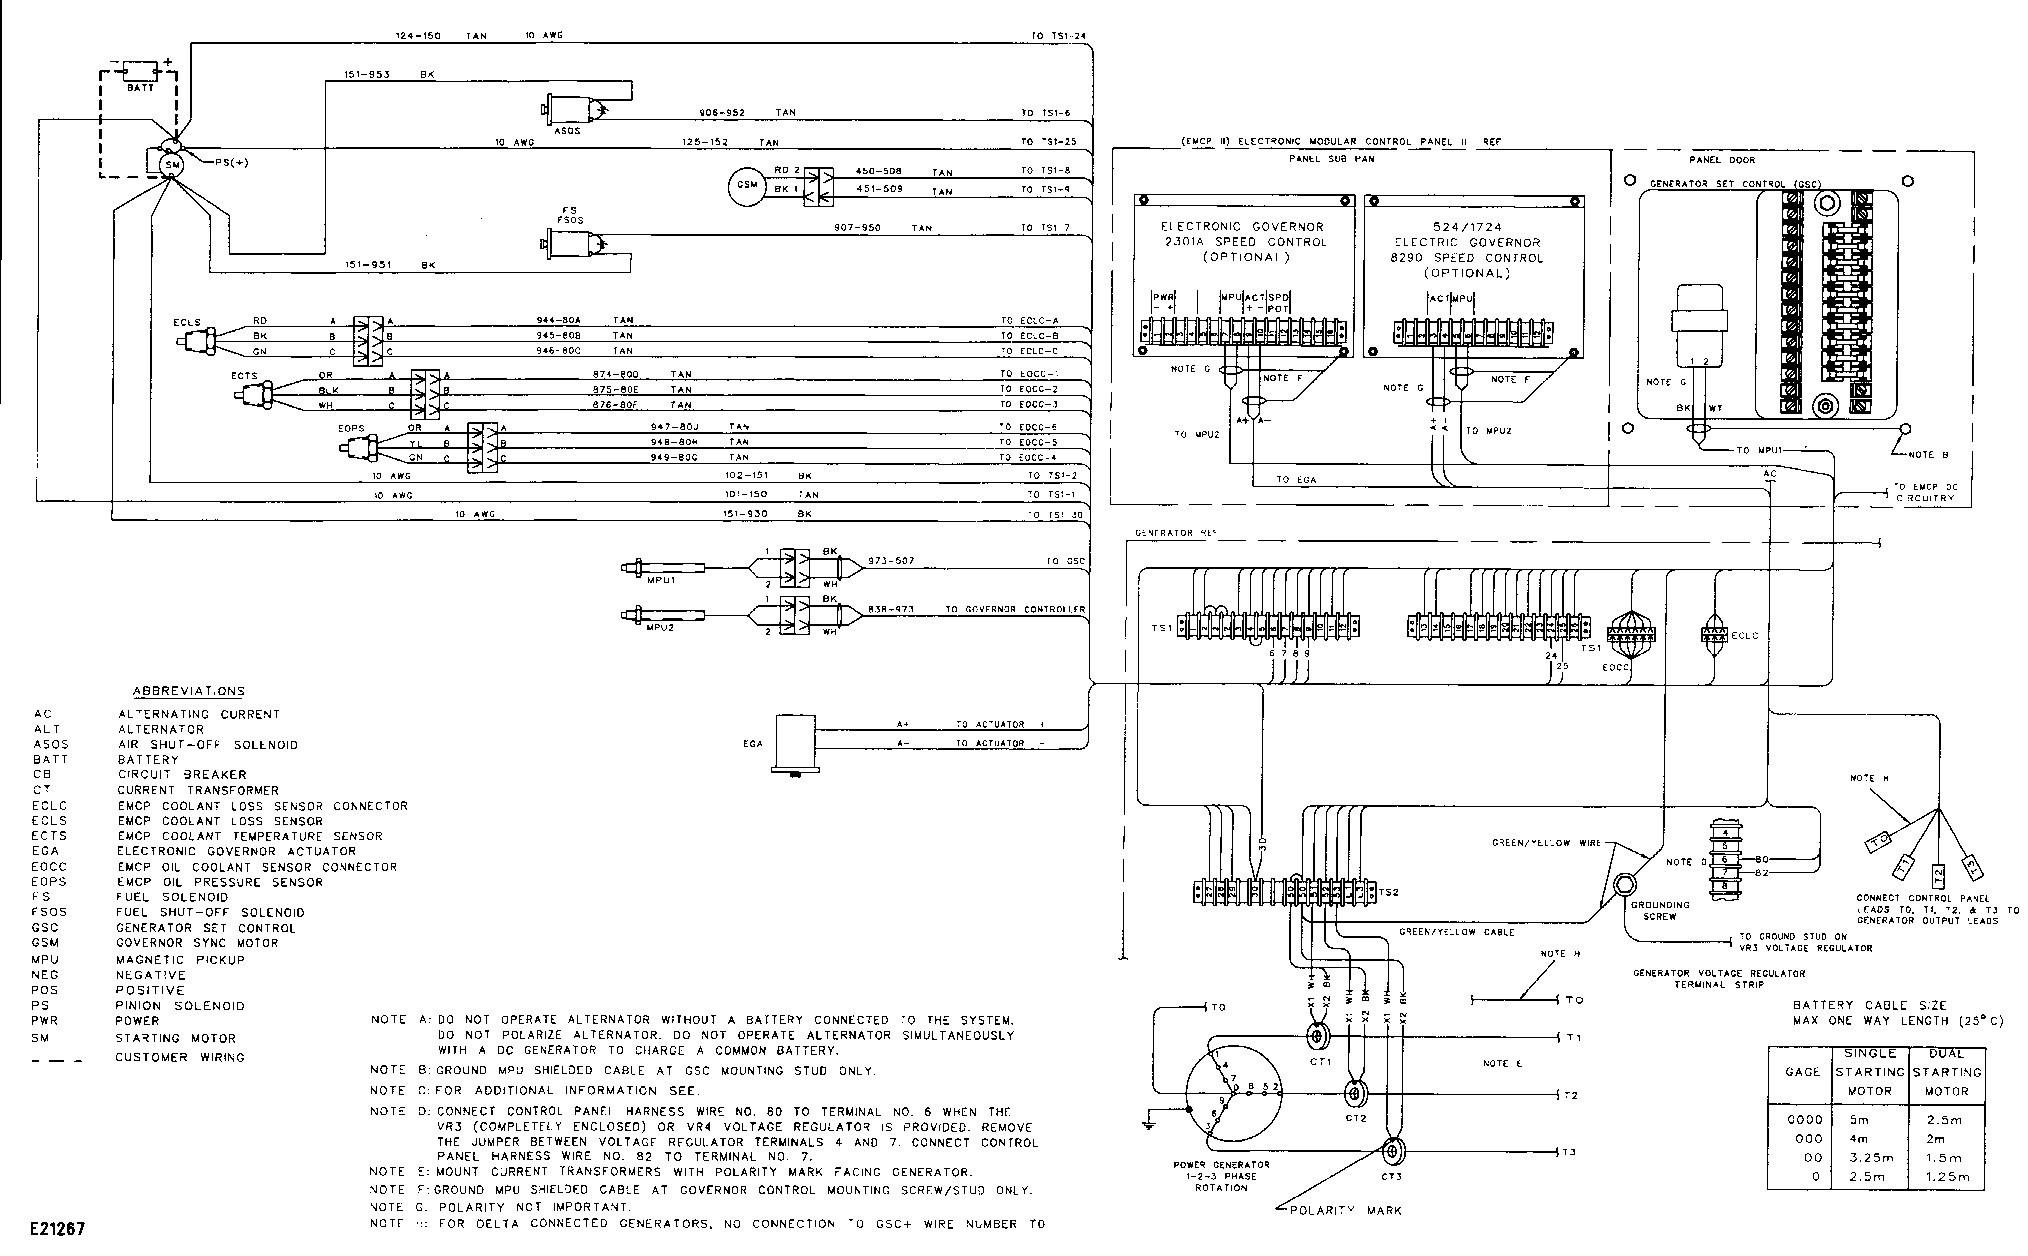 c15 cat ecm pin wiring diagram free download cat 3406 wiring diagram 6 ck stahlbau boegl de  cat 3406 wiring diagram 6 ck stahlbau